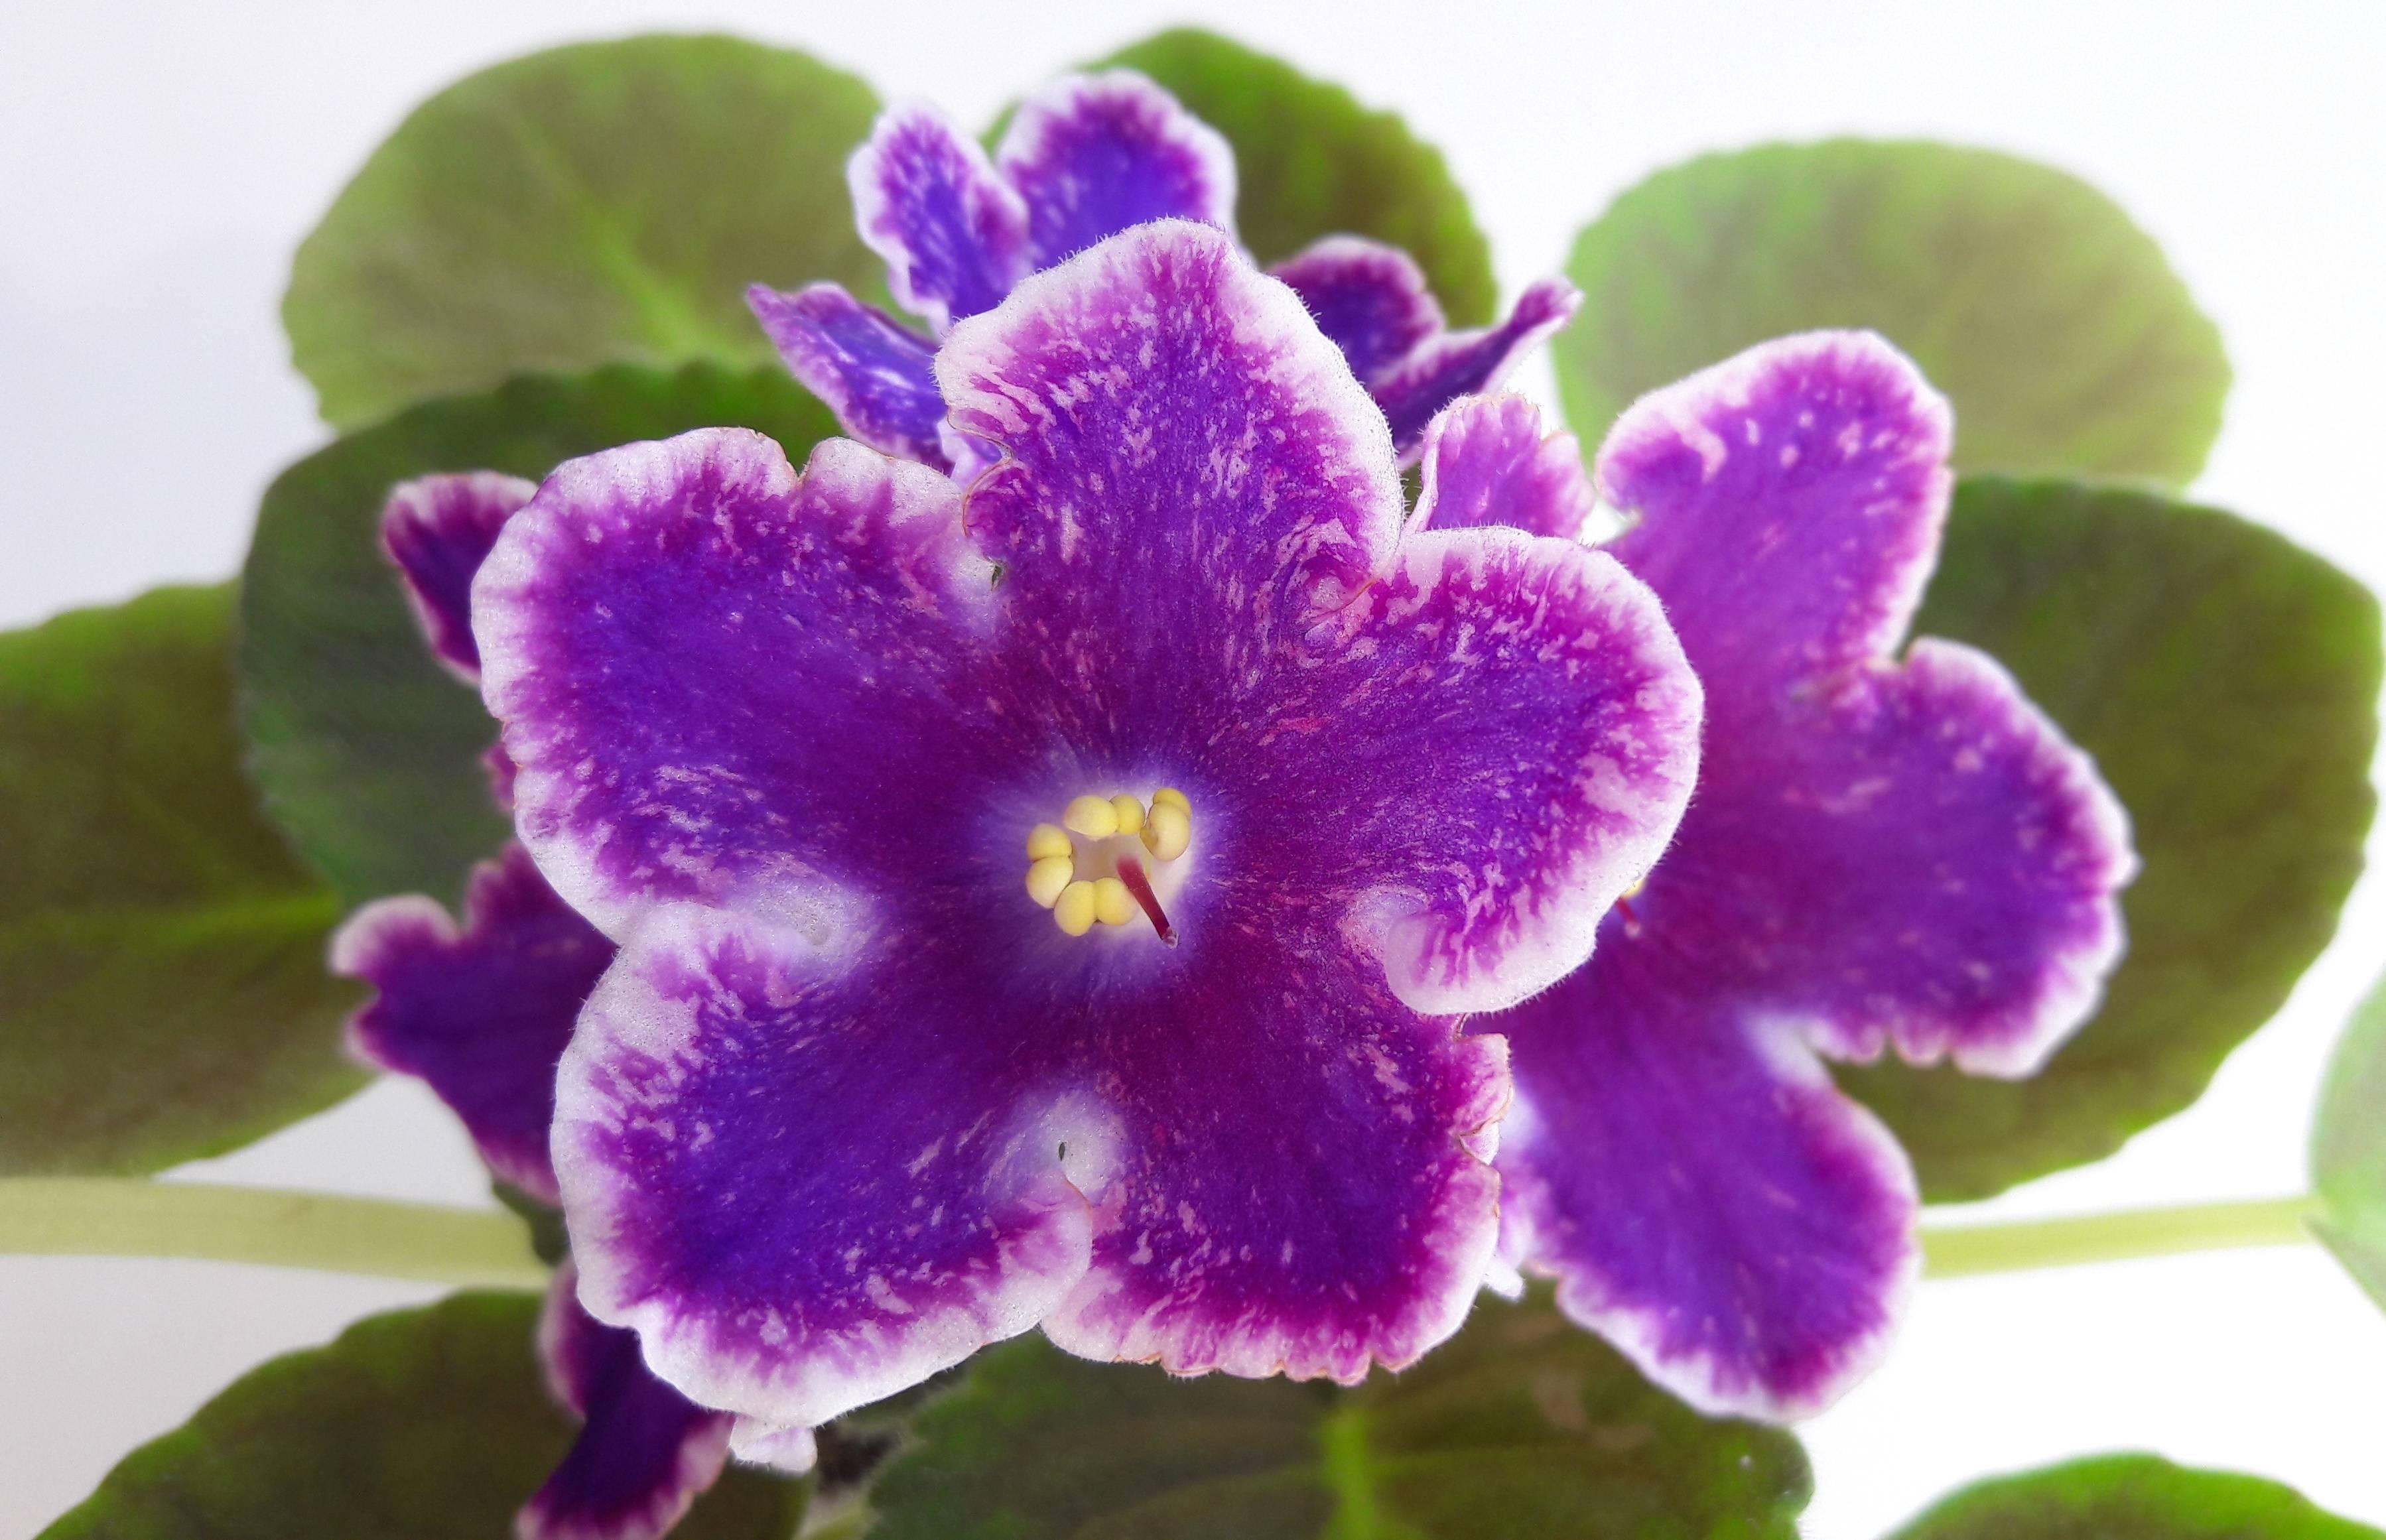 Фиалка ds-изюм (24 фото): описание сорта, особенности выращивания